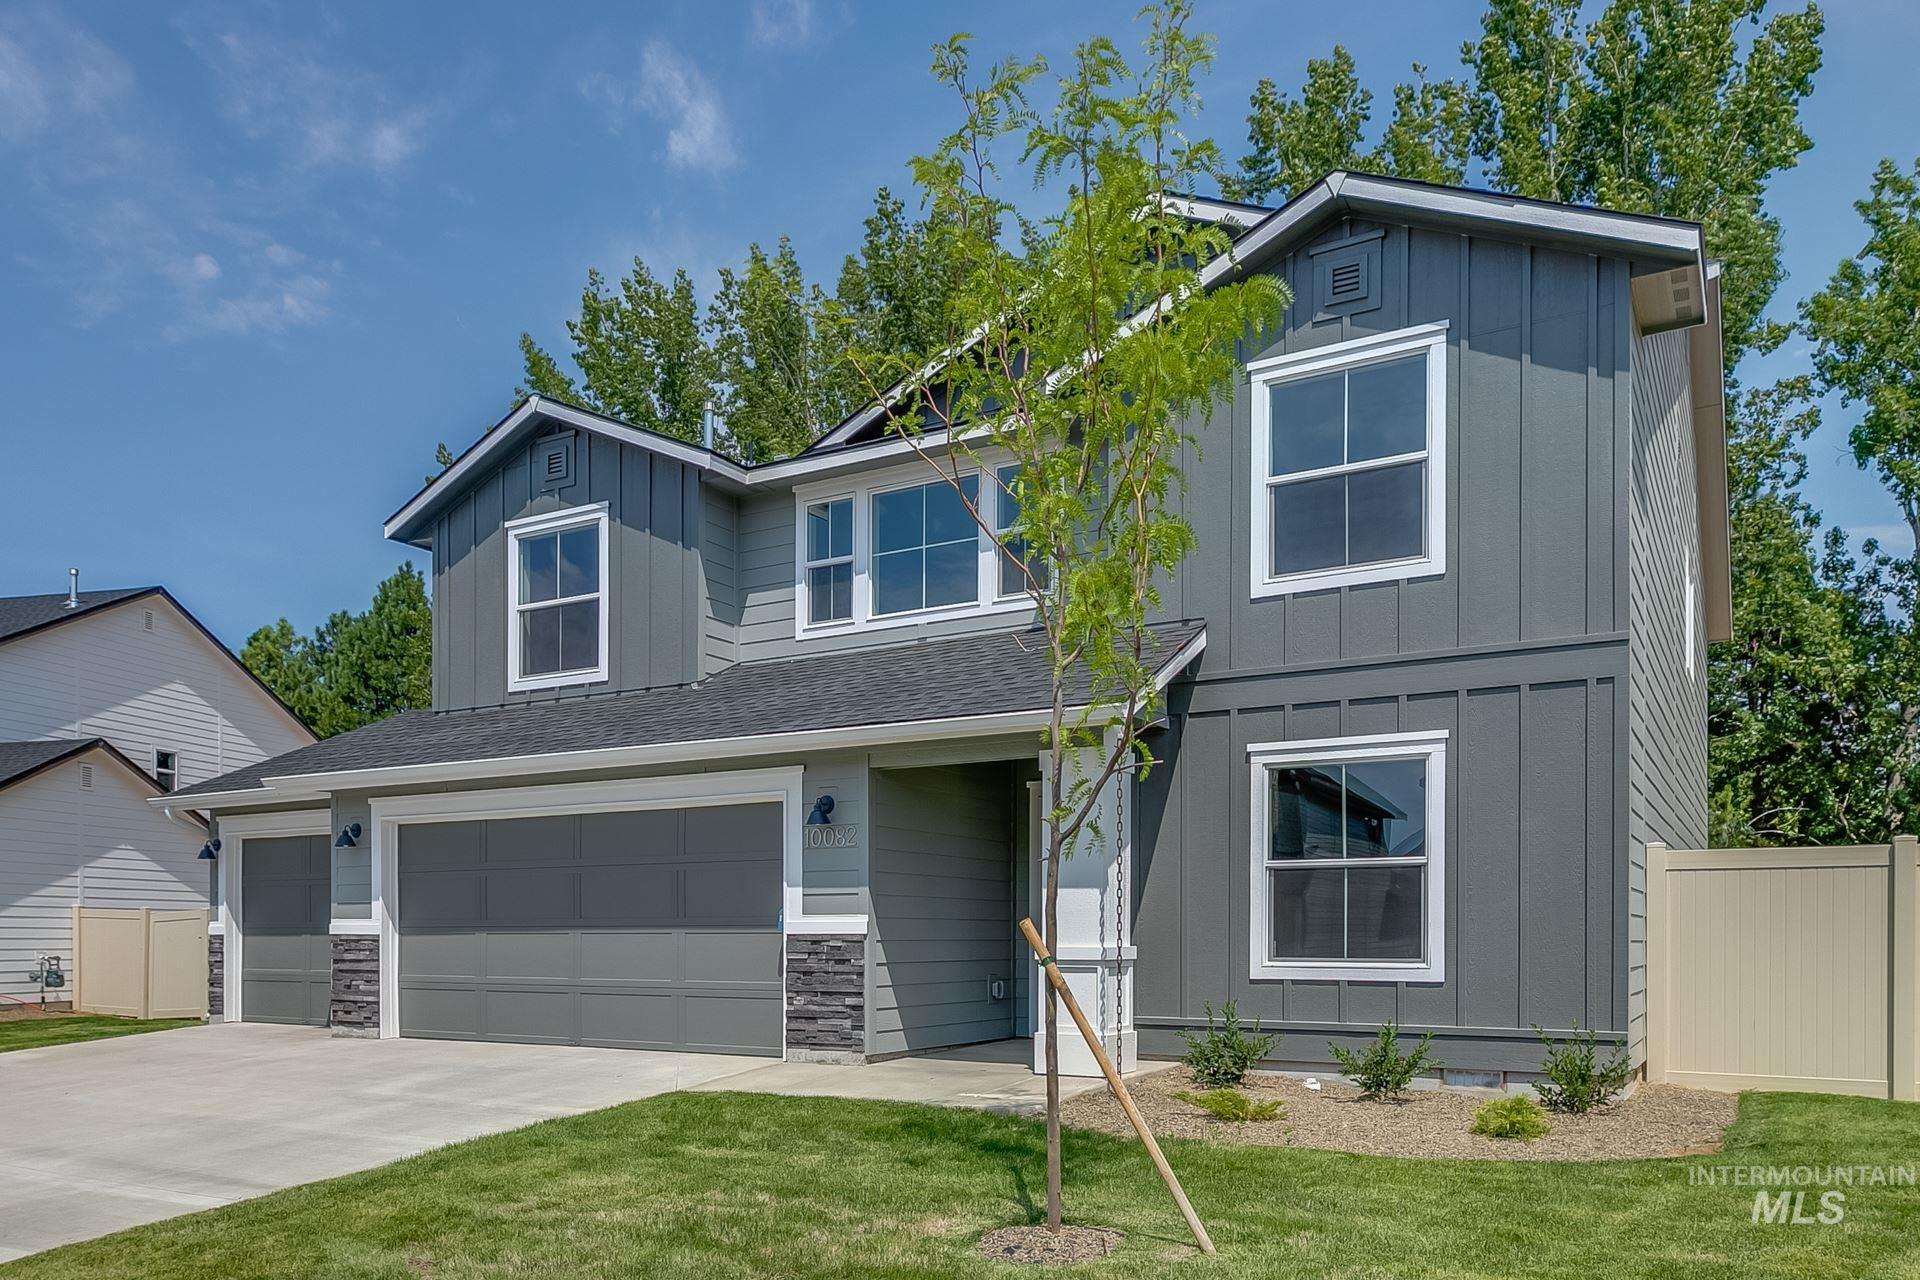 Photo of 10082 W Campville St, Boise, ID 83709 (MLS # 98768419)